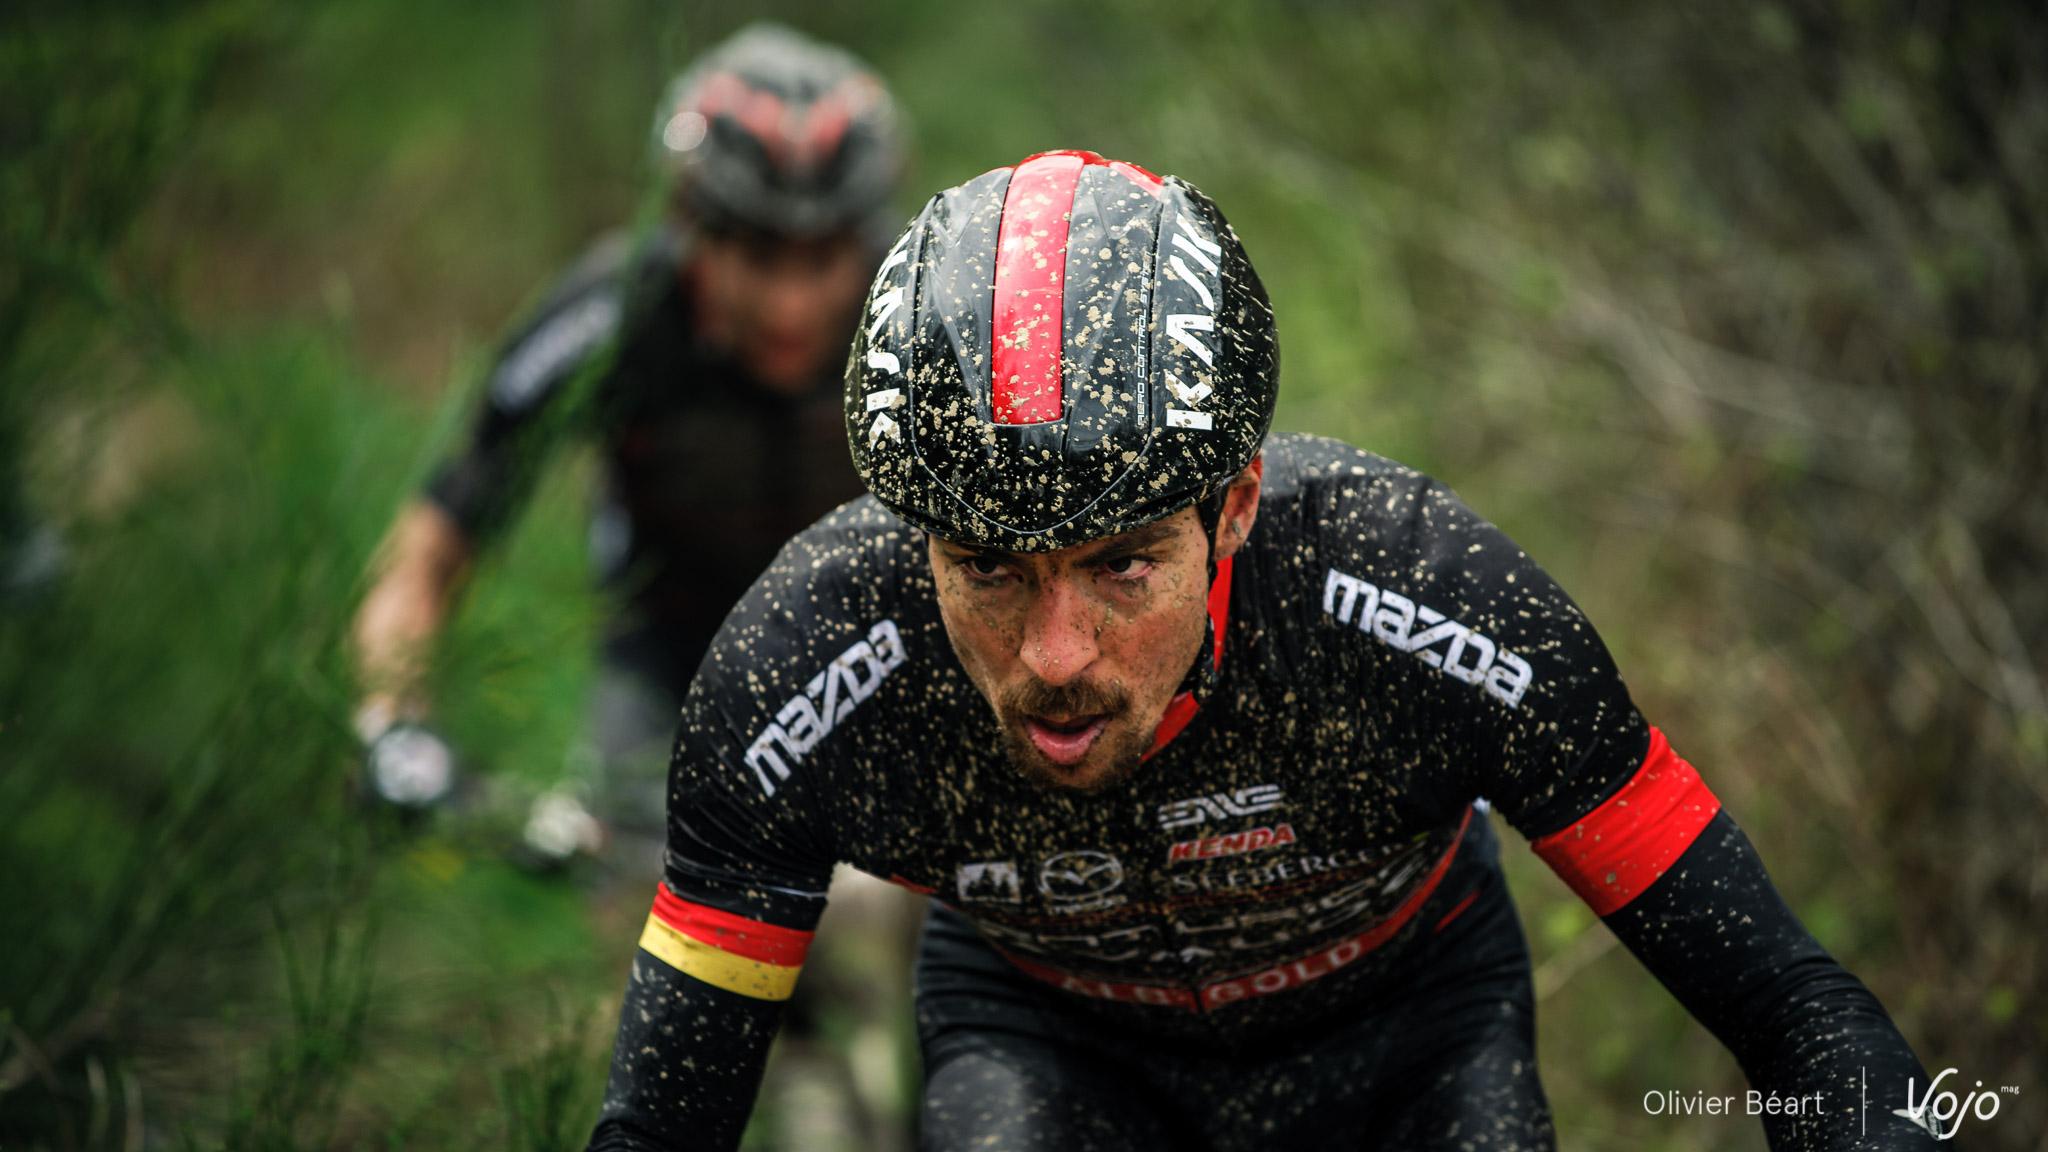 Roc_Ardenne_Marathon_Copyright_OBeart_VojoMag-9